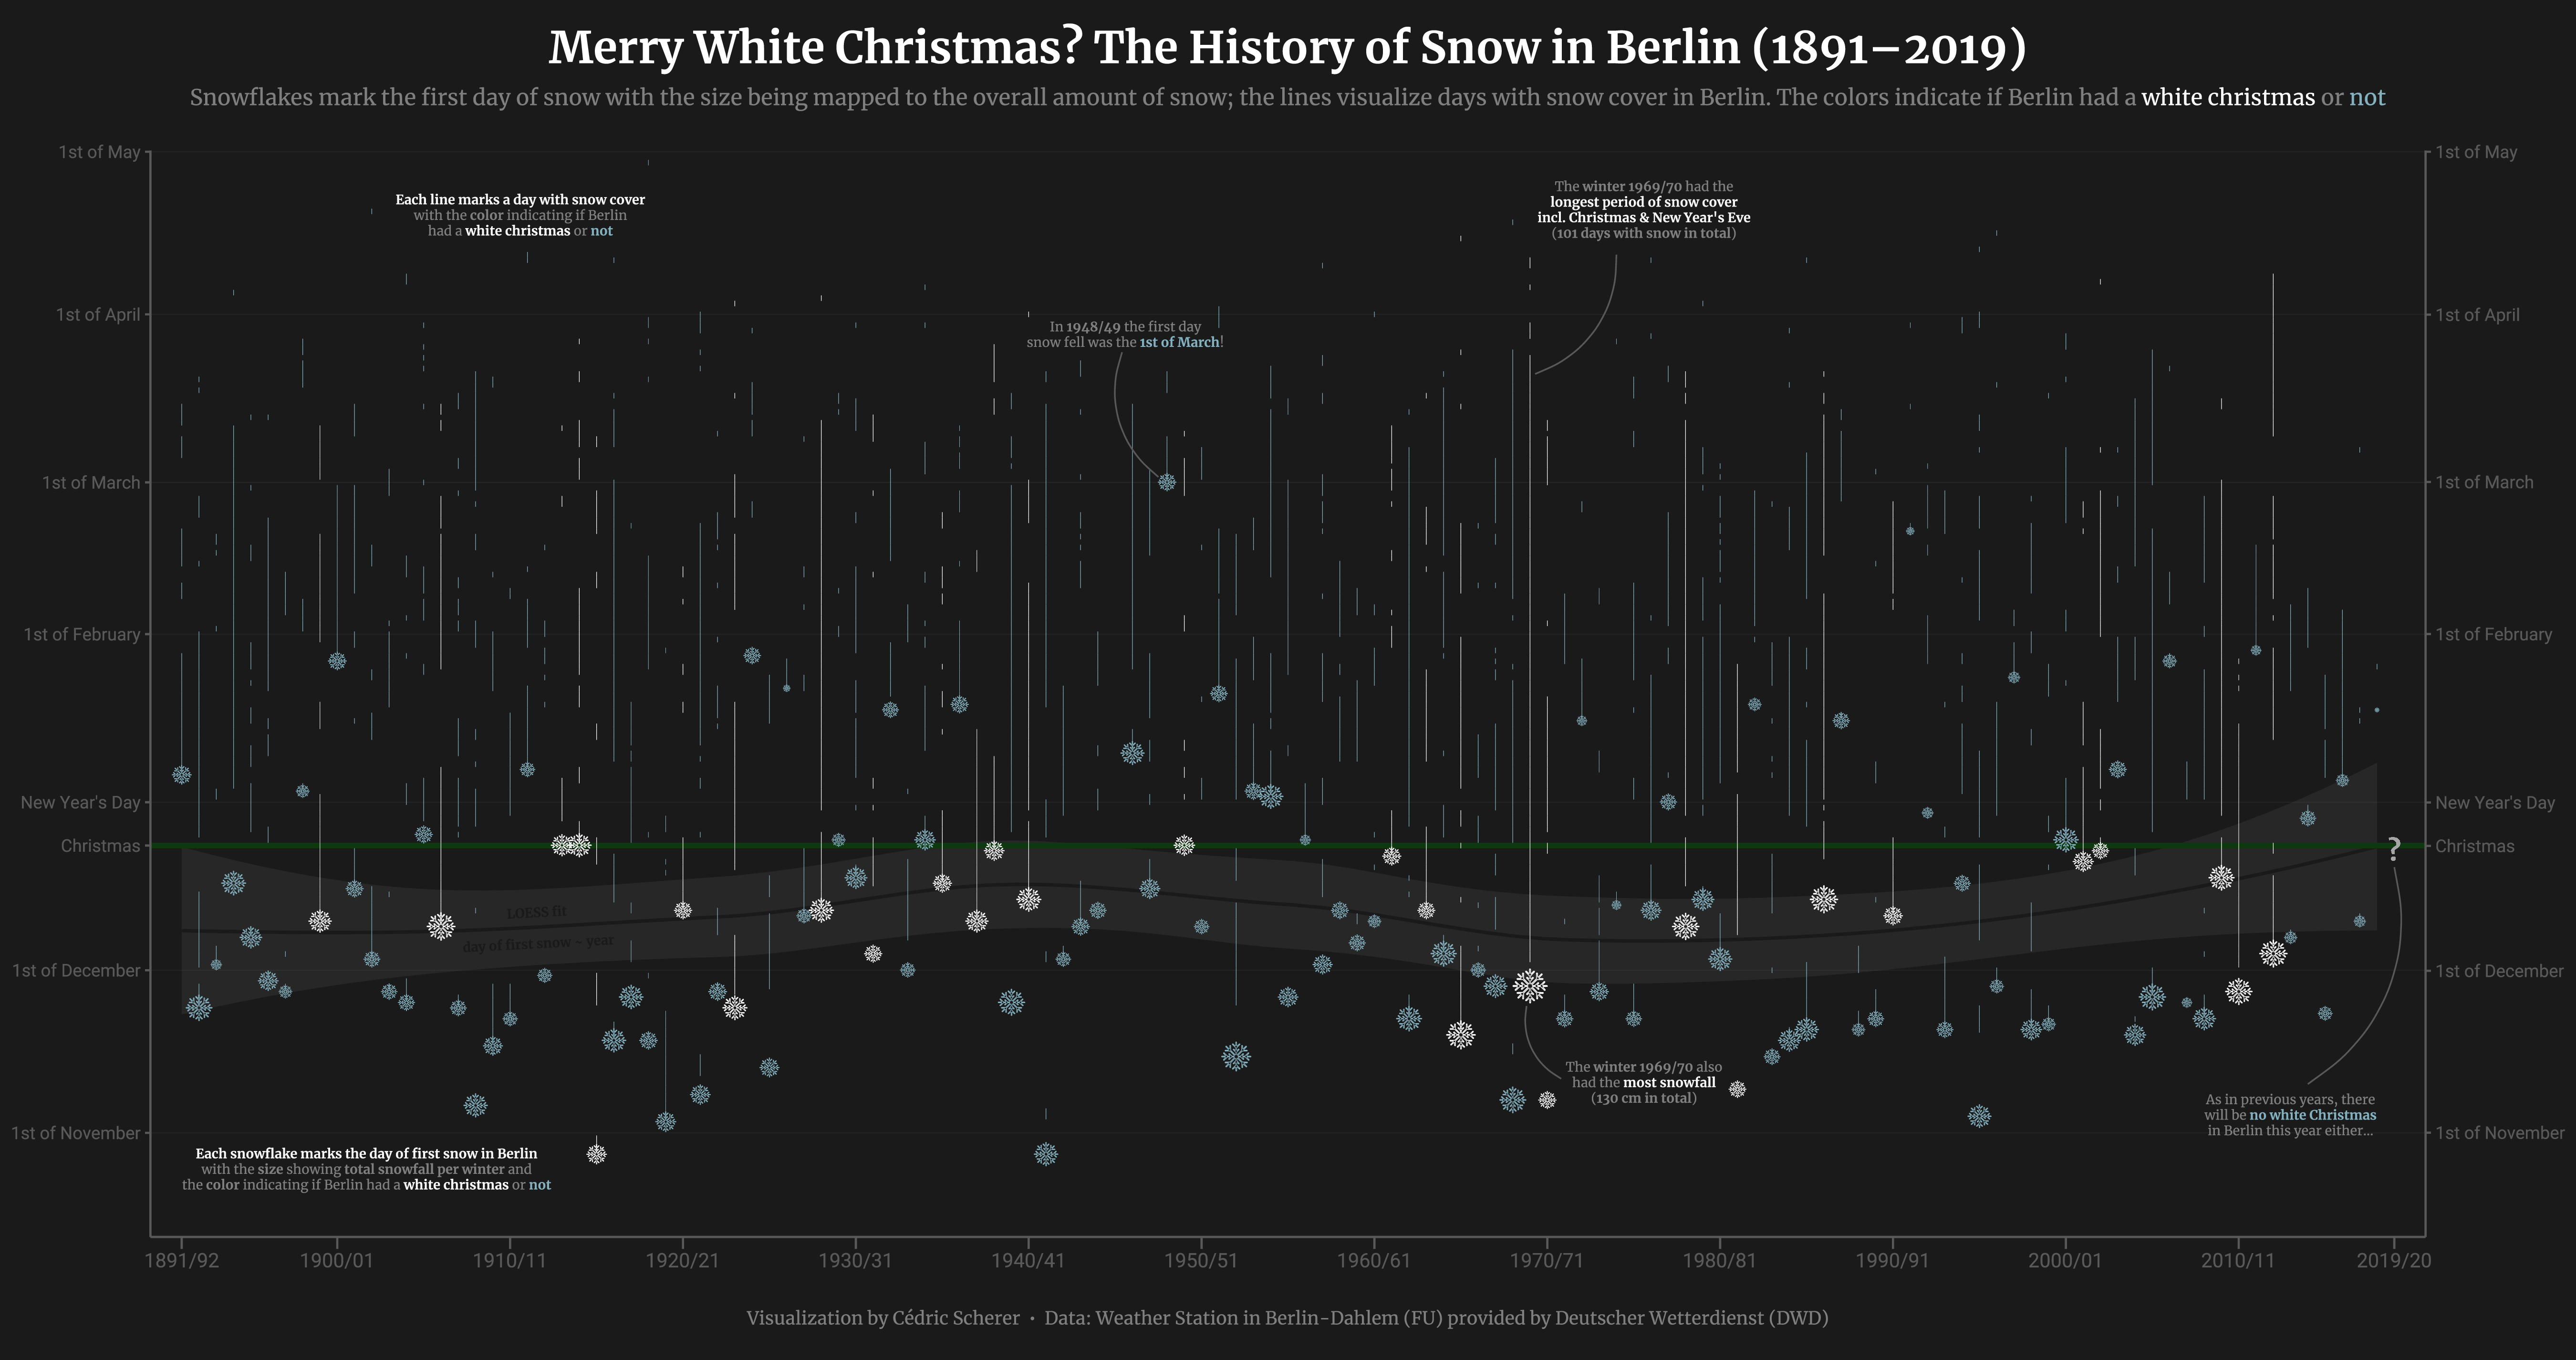 Visualização de Dados de Neve em Berlim por Cédric Scherer